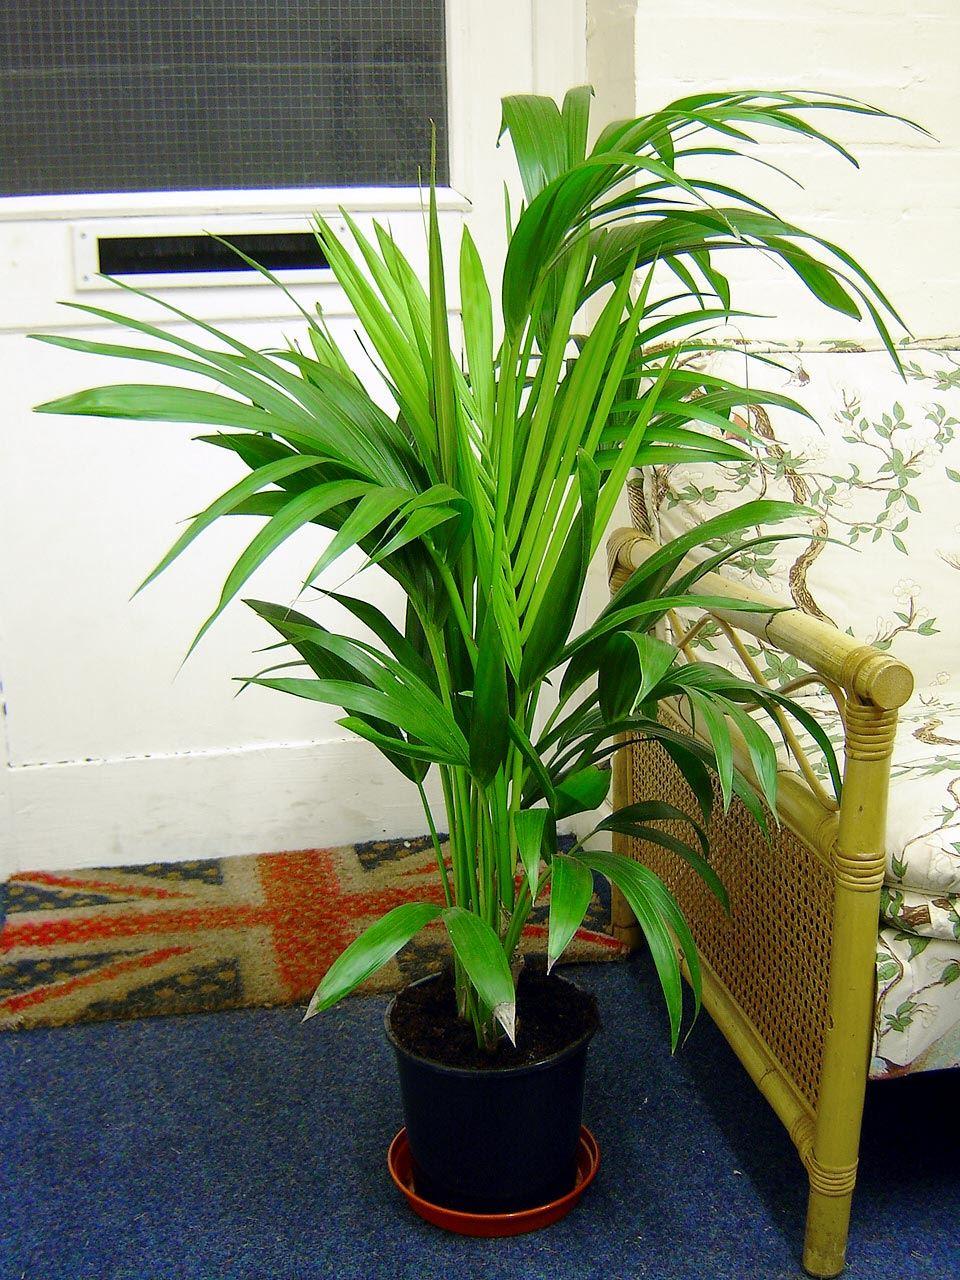 Easyplants traditionellen immergr n indoor pflanzen garten for Pflanzen evergreen